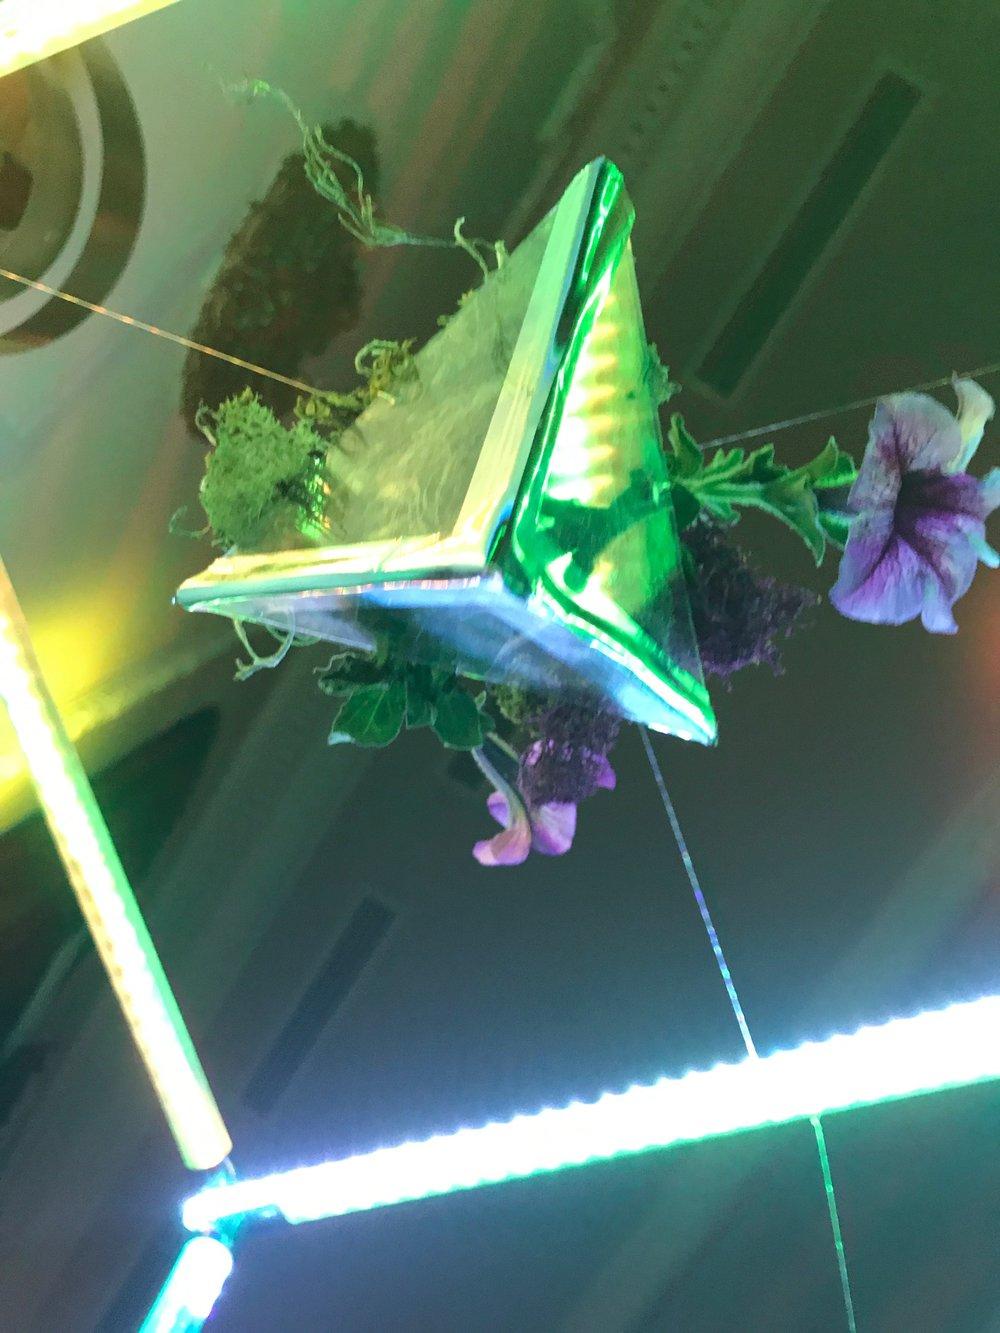 sonicgarden-image1.JPG